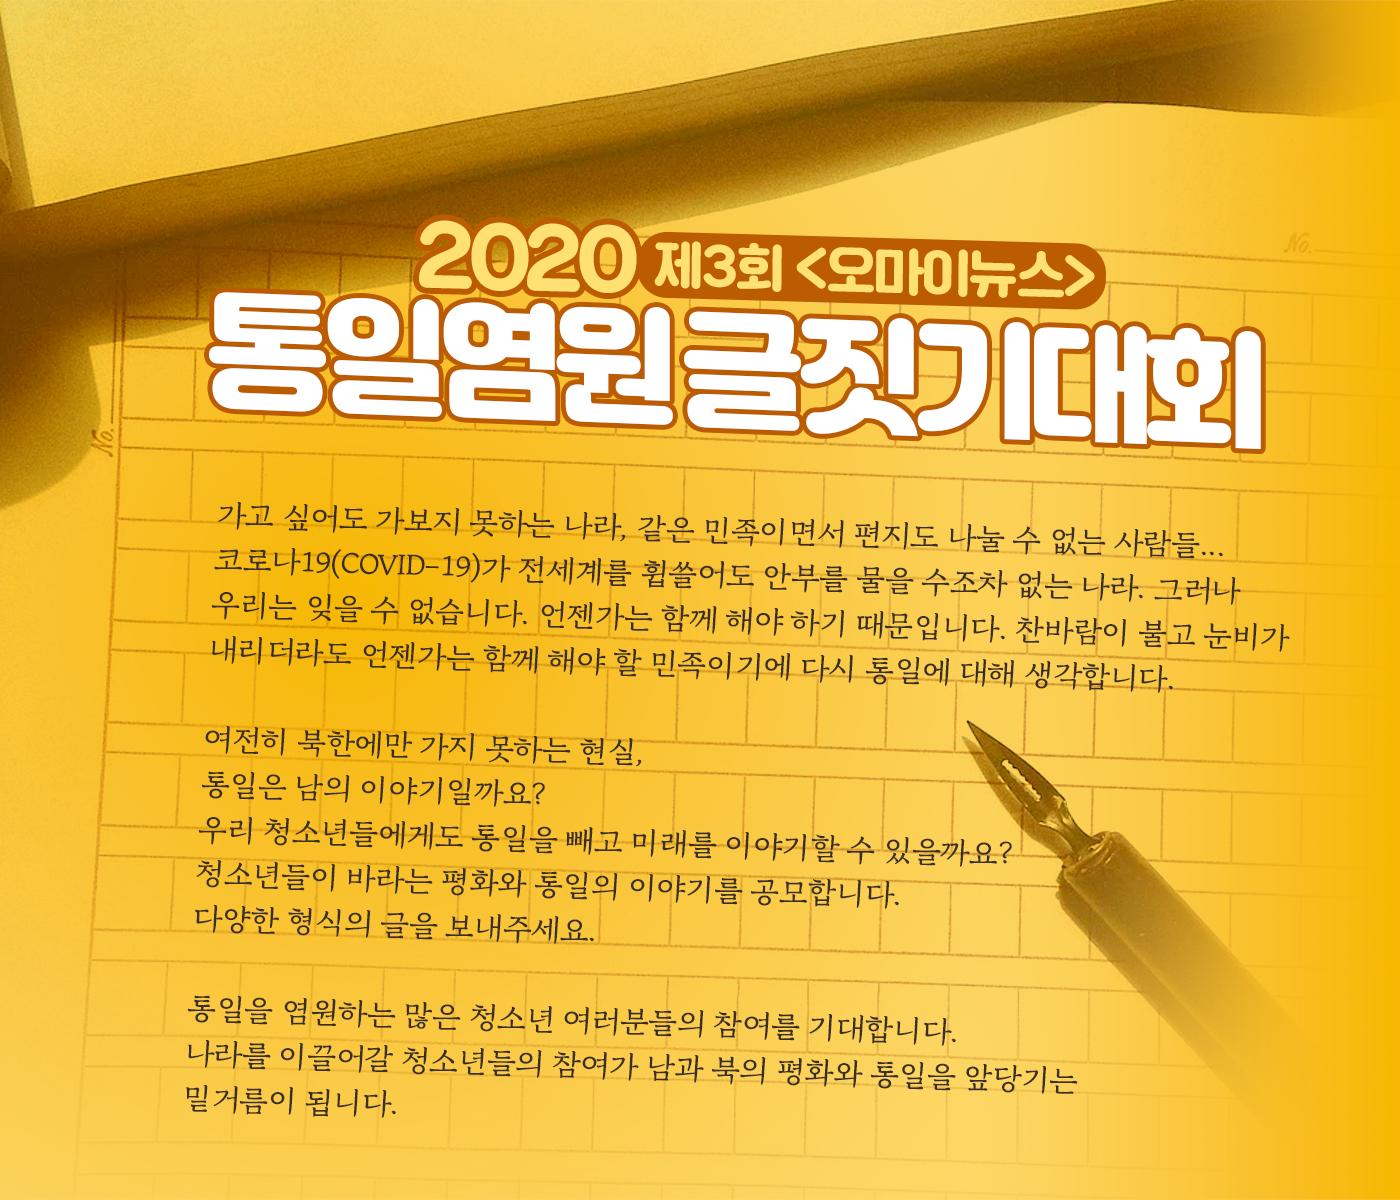 2020 제3회 <오마이뉴스> 통일염원 글짓기대회